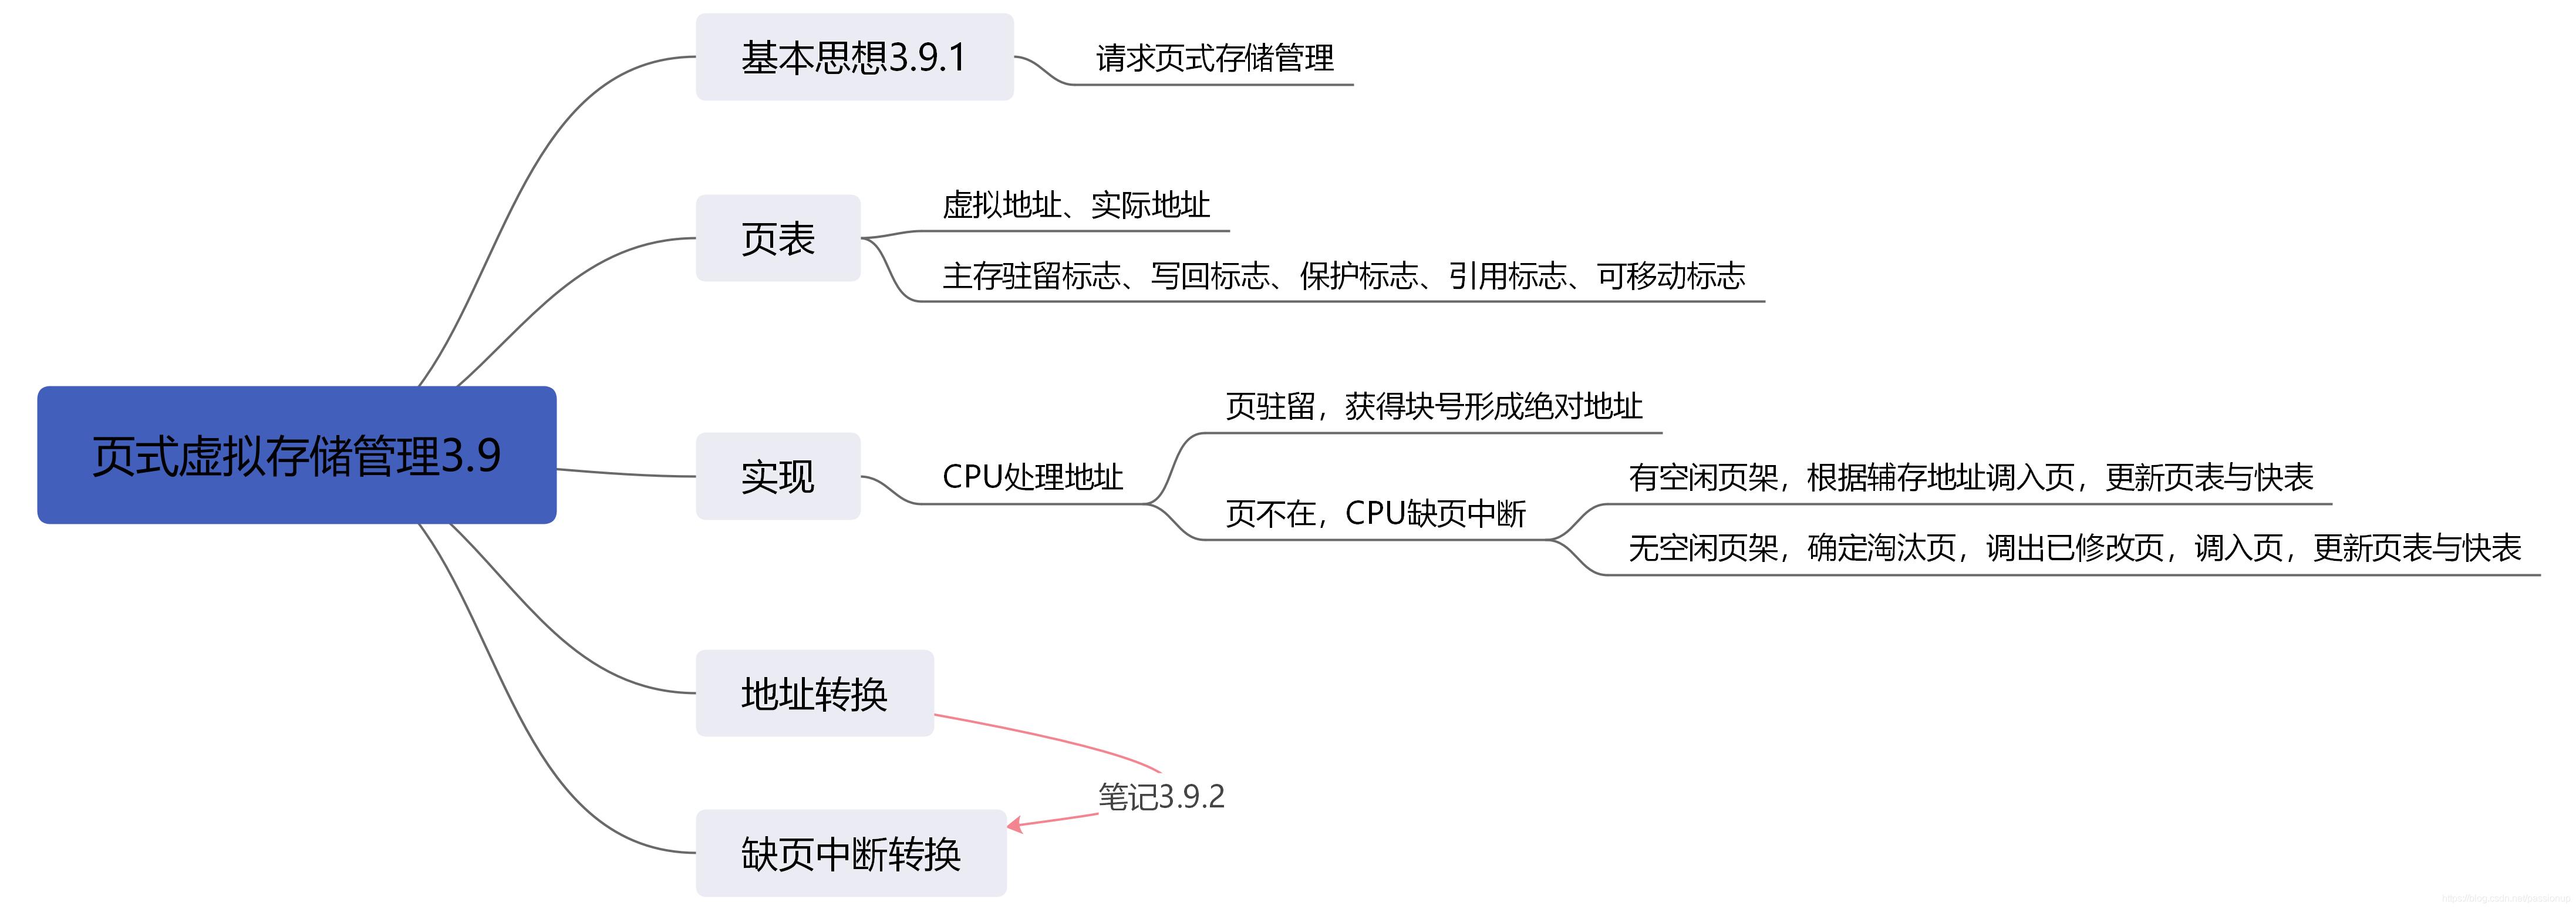 [外链图片转存失败,源站可能有防盗链机制,建议将图片保存下来直接上传(img-s6WZf9jf-1586167946685)(3_存储管理.assets/页式虚拟存储管理3.9.png)]